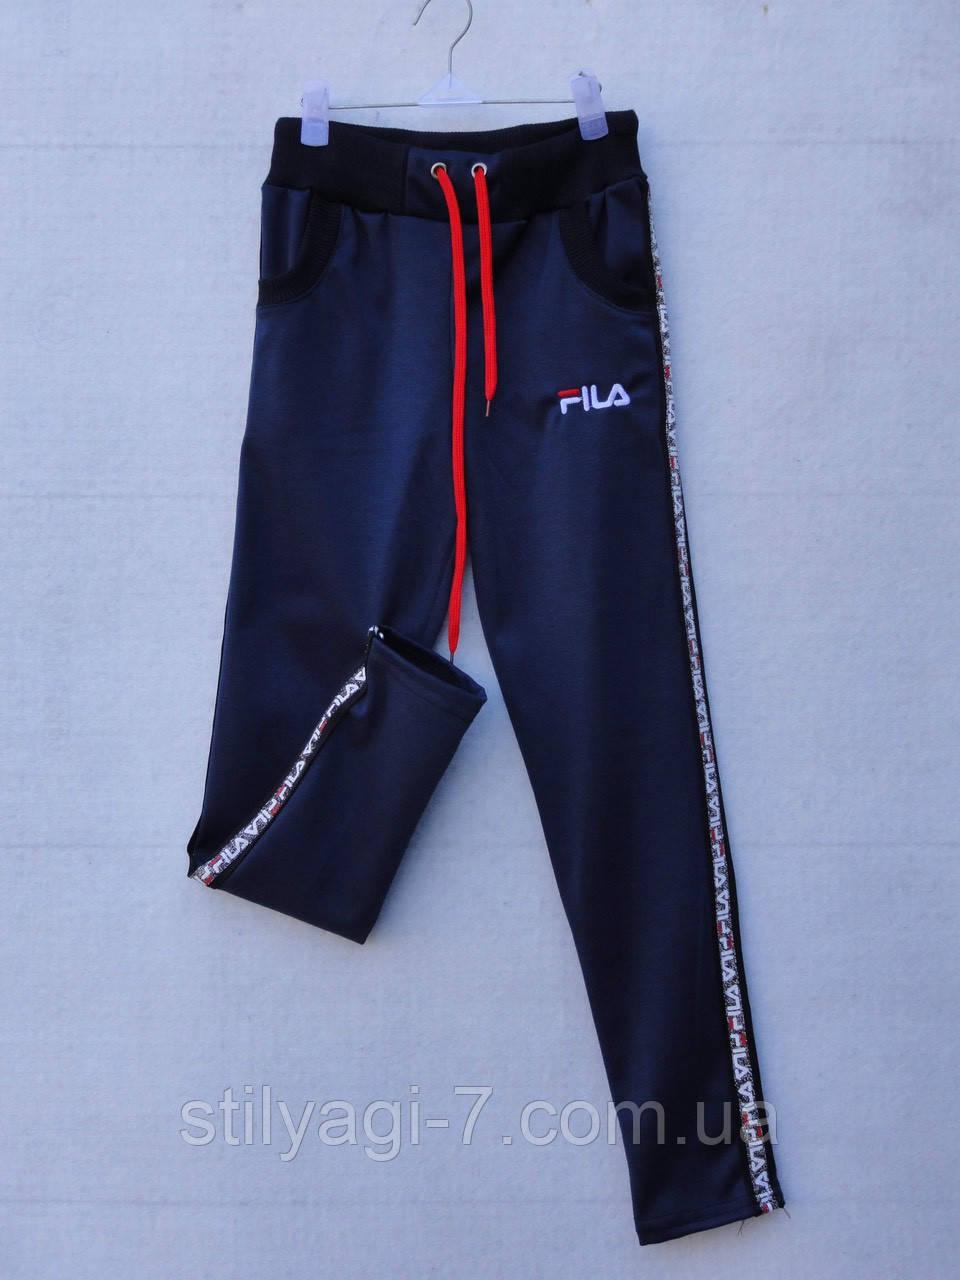 Спортивные штаны для девочки 7-11 лет черного цвета Fila оптом